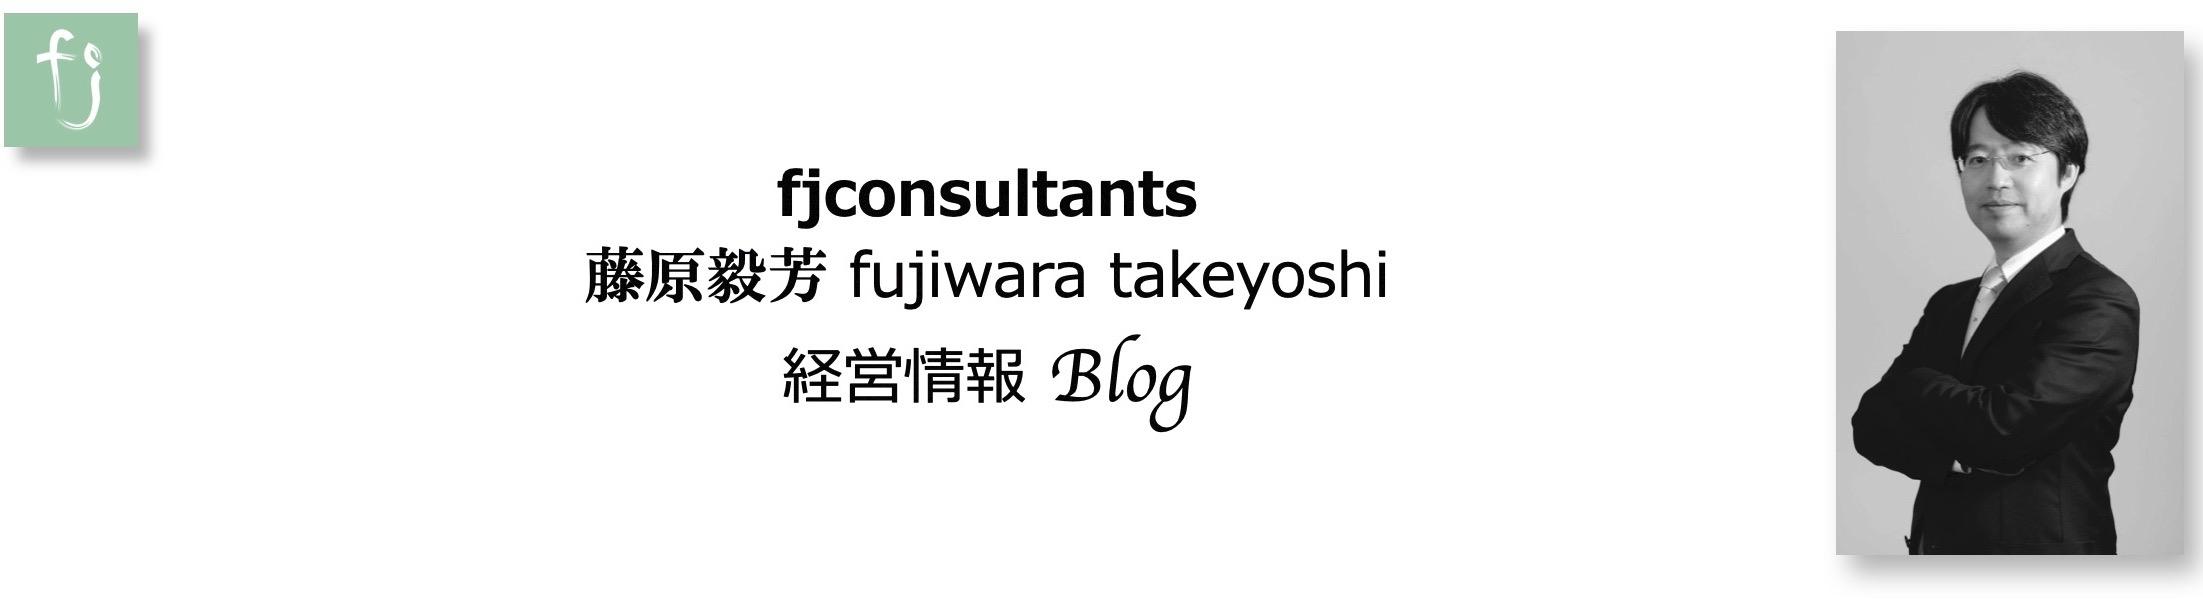 fjコンサルタンツBlog藤原毅芳